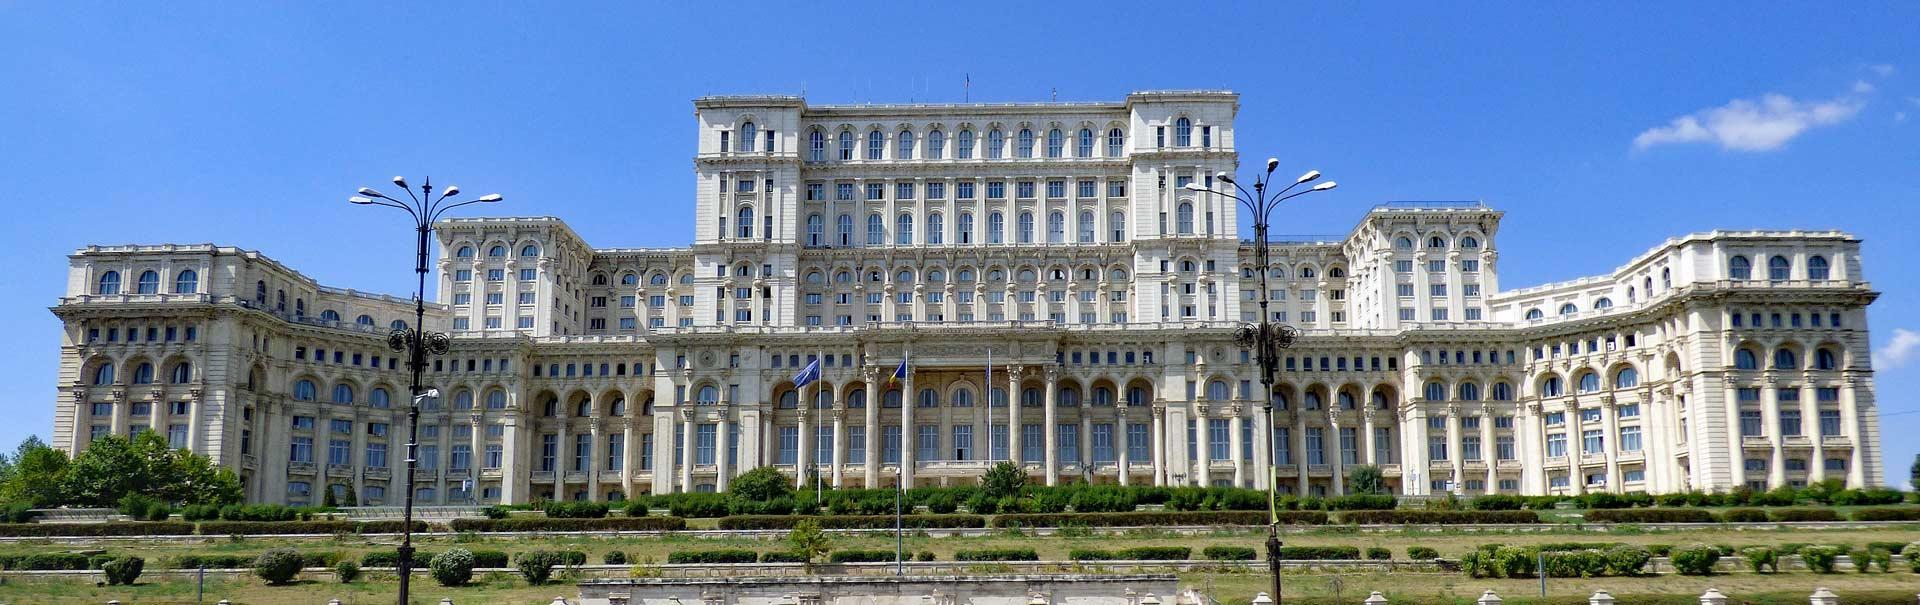 Romania Bulgaria Serbia (EUBL) Banner